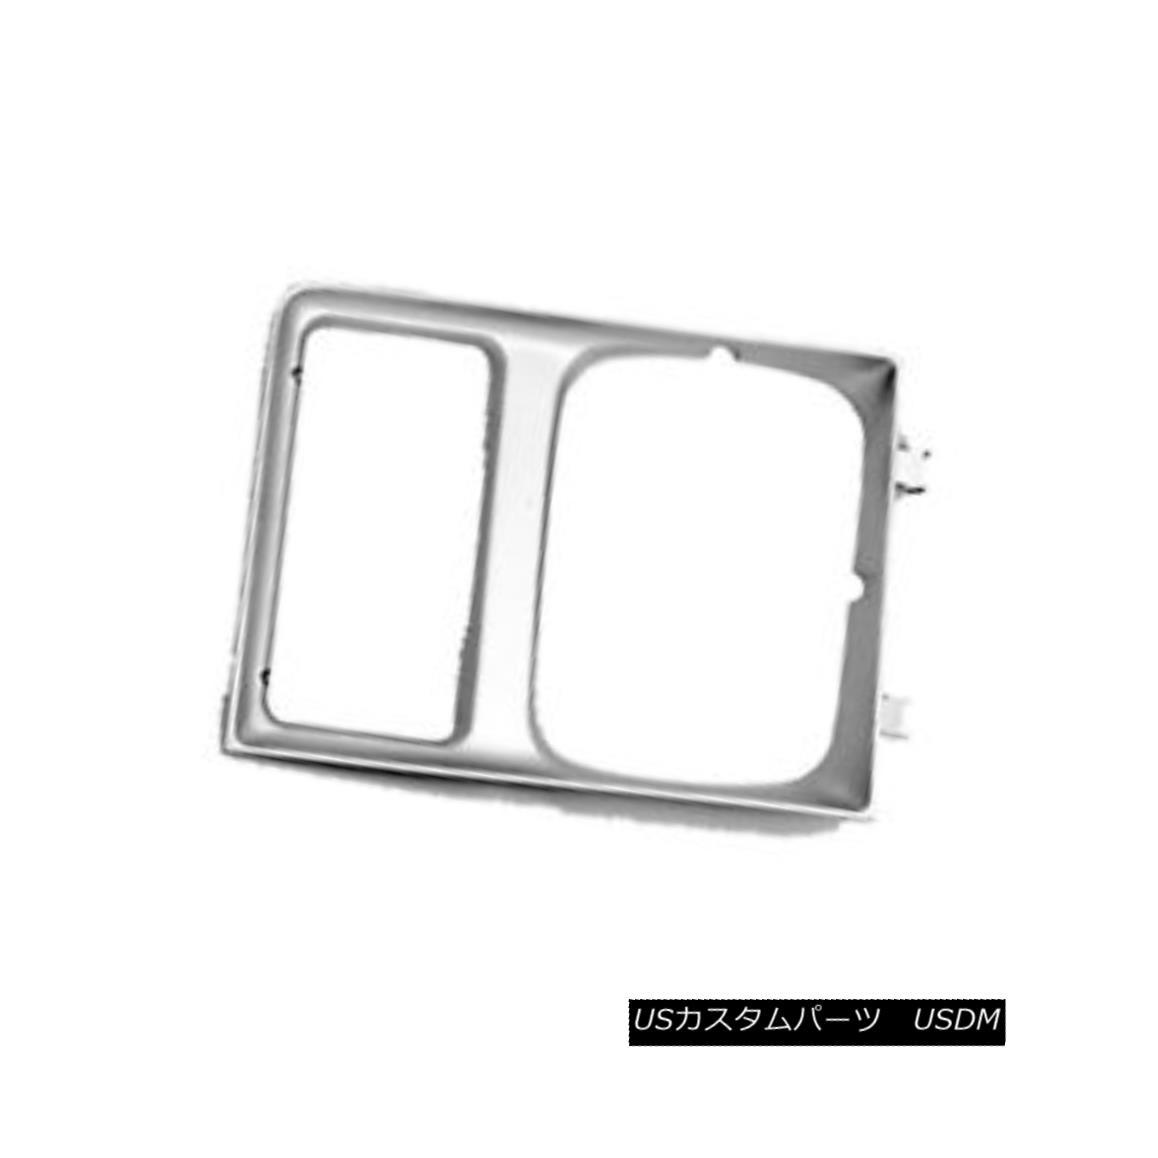 グリル New Replacement Headlight Door Silver Passenger Side 630-00847AR 新しい交換ヘッドライトドアシルバー旅客側630-00847AR